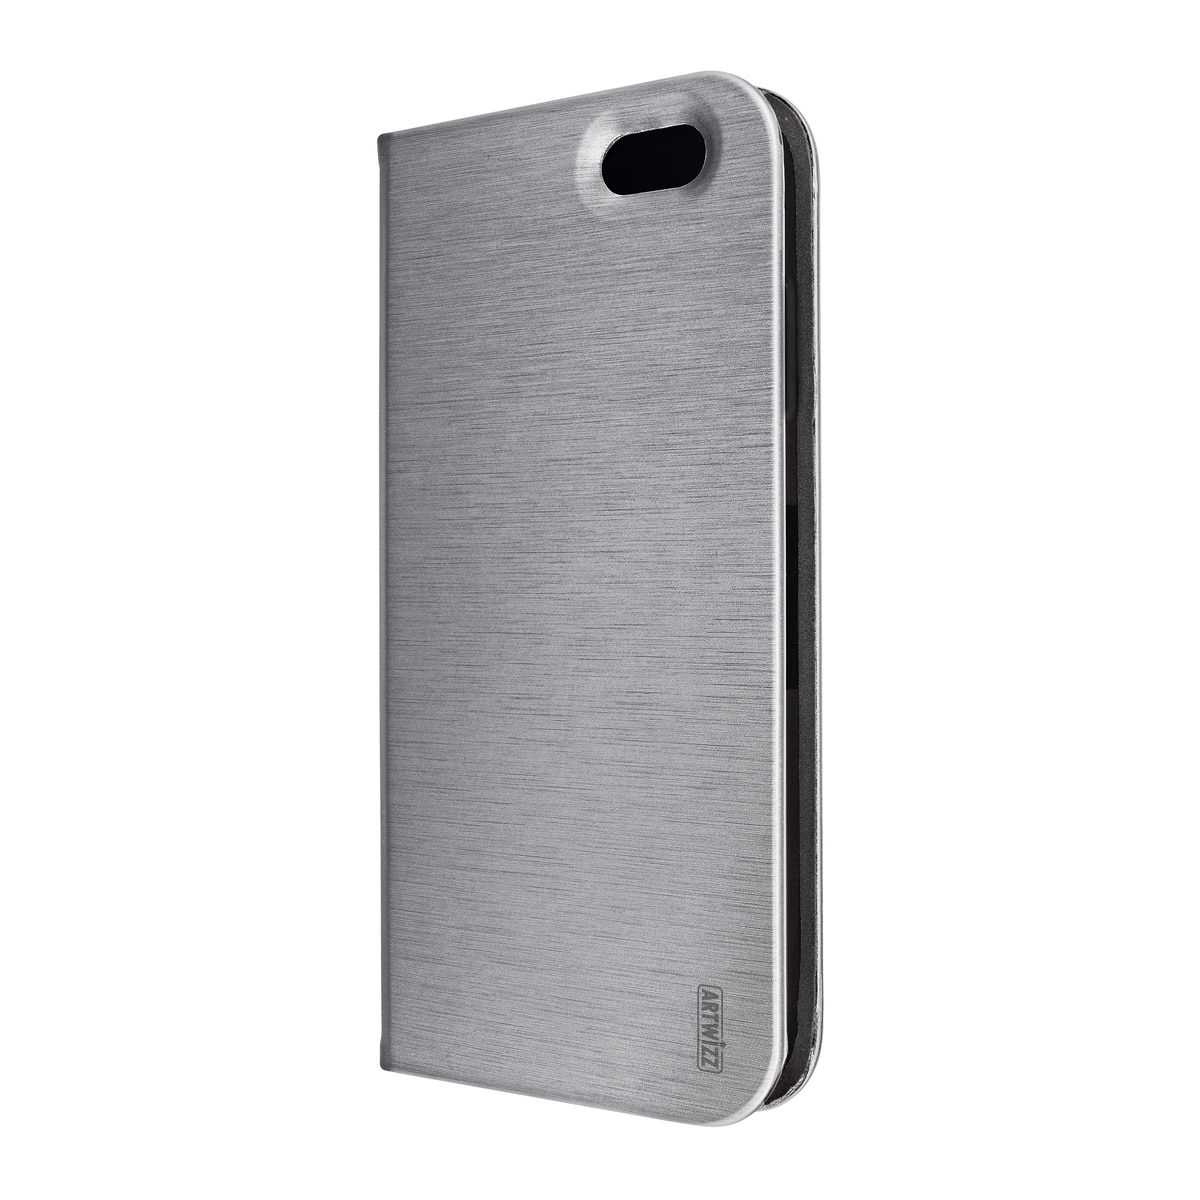 Fotografie Husa de protectie Artwizz SeeJacket Folio pentru iPhone 6/6s, Grey